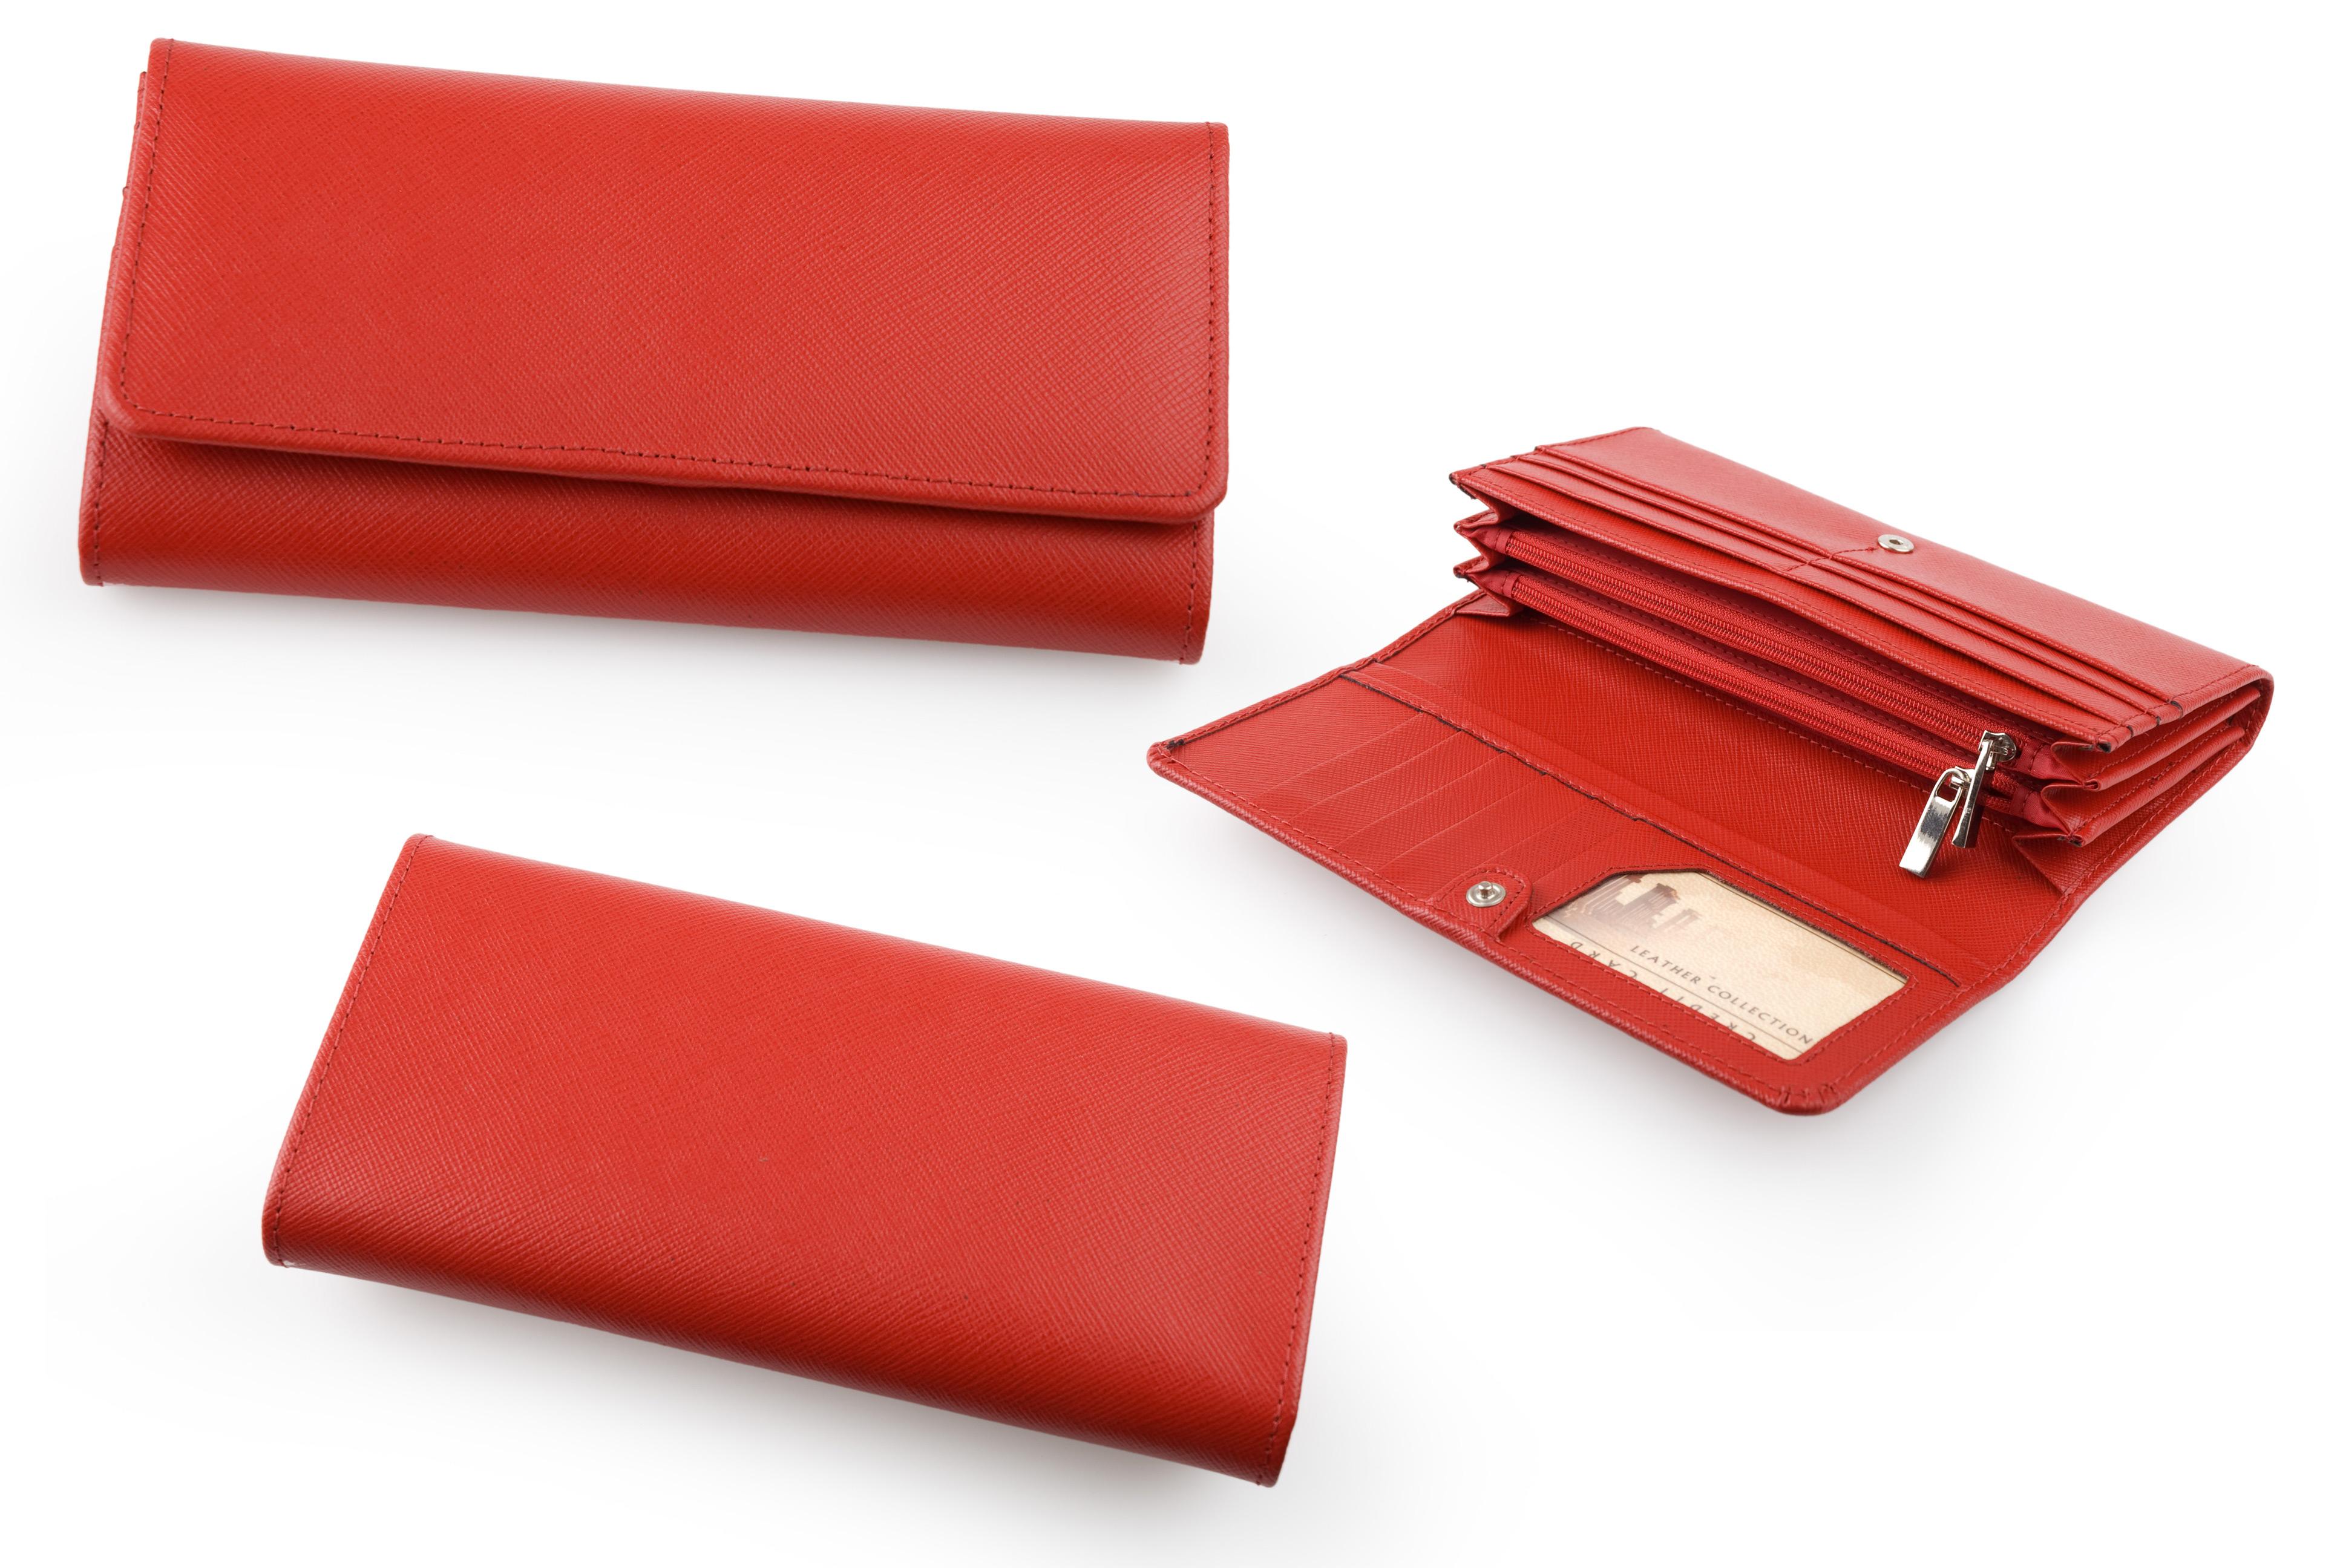 680916e738e7b9 galanteria skórzana portfele męskie damskie torebki producent Polska